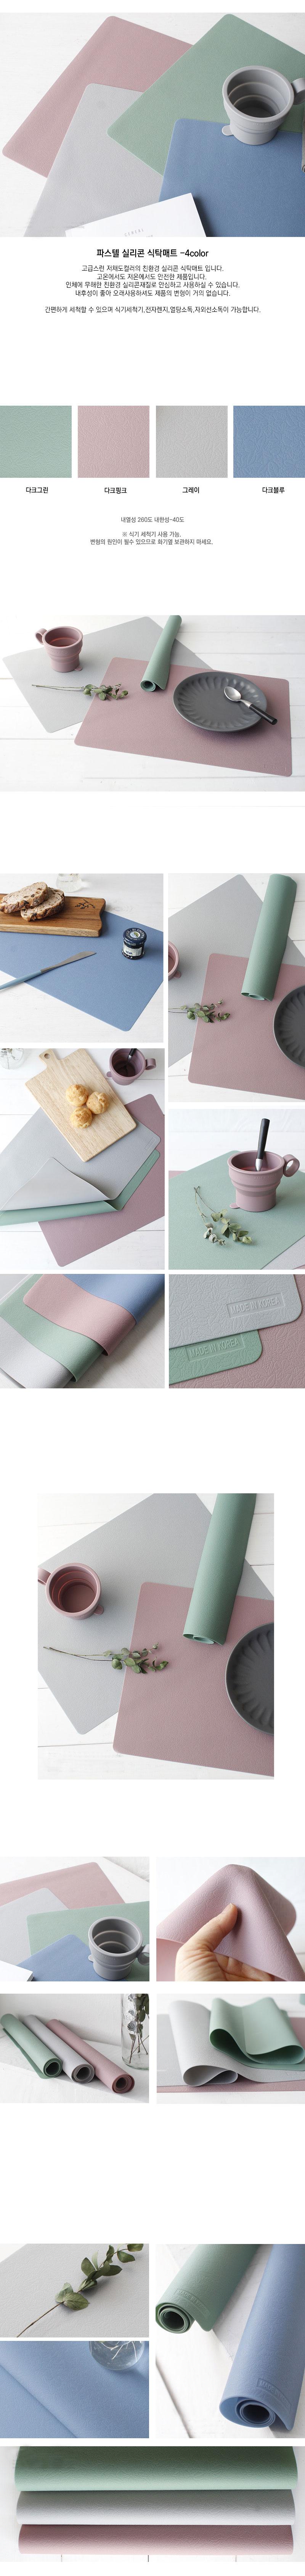 파스텔 실리콘 식탁 매트(4color) annahouse - 안나하우스, 7,000원, 식탁, 식탁매트